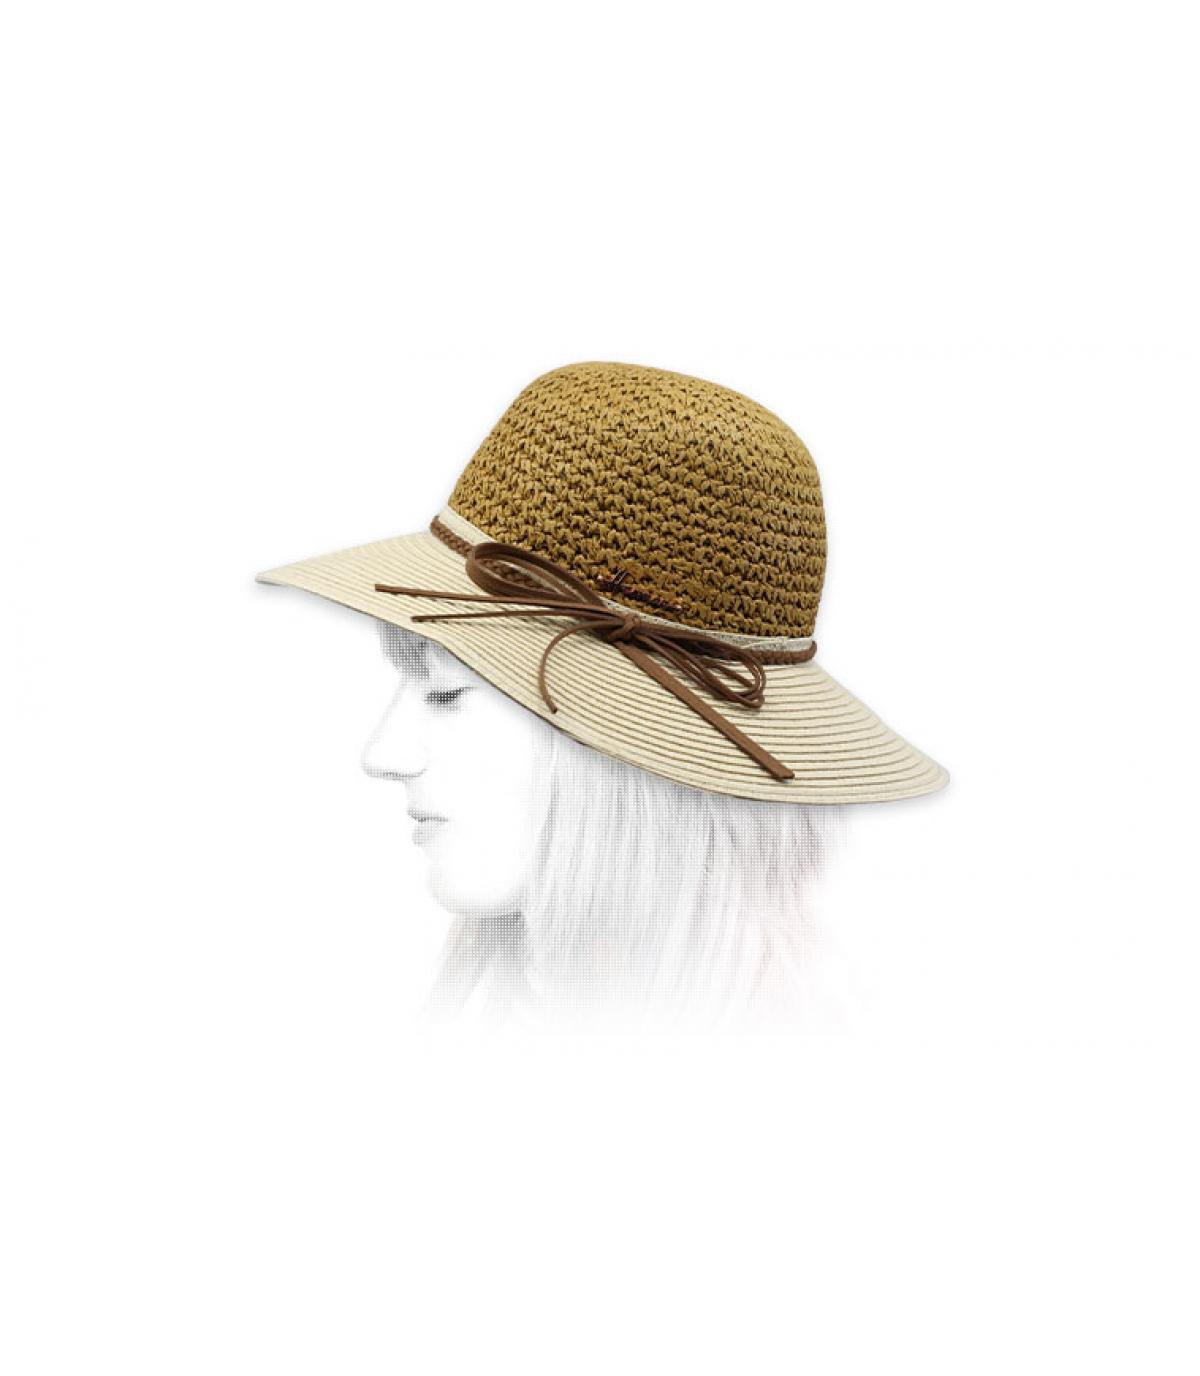 cappello di paglia bicolore